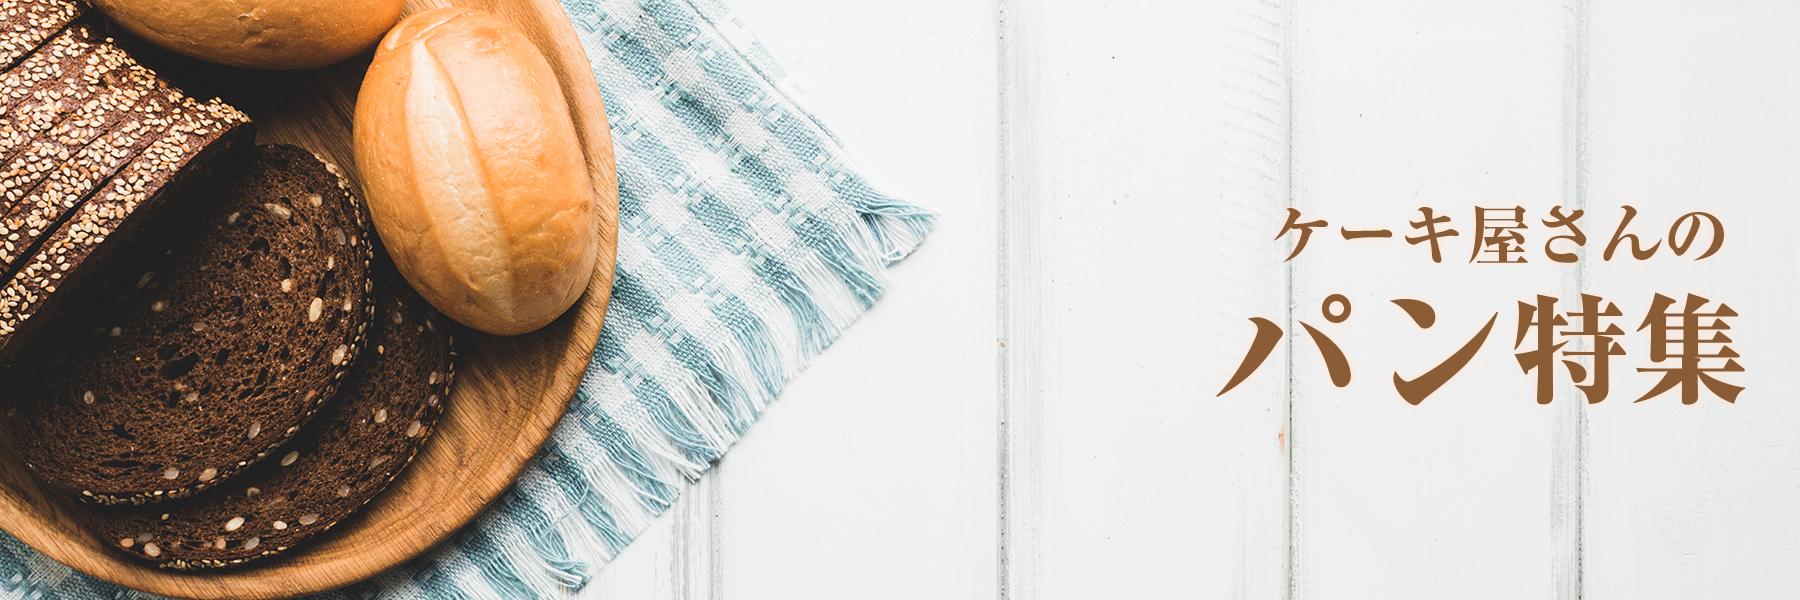 ケーキ屋さんのパン特集